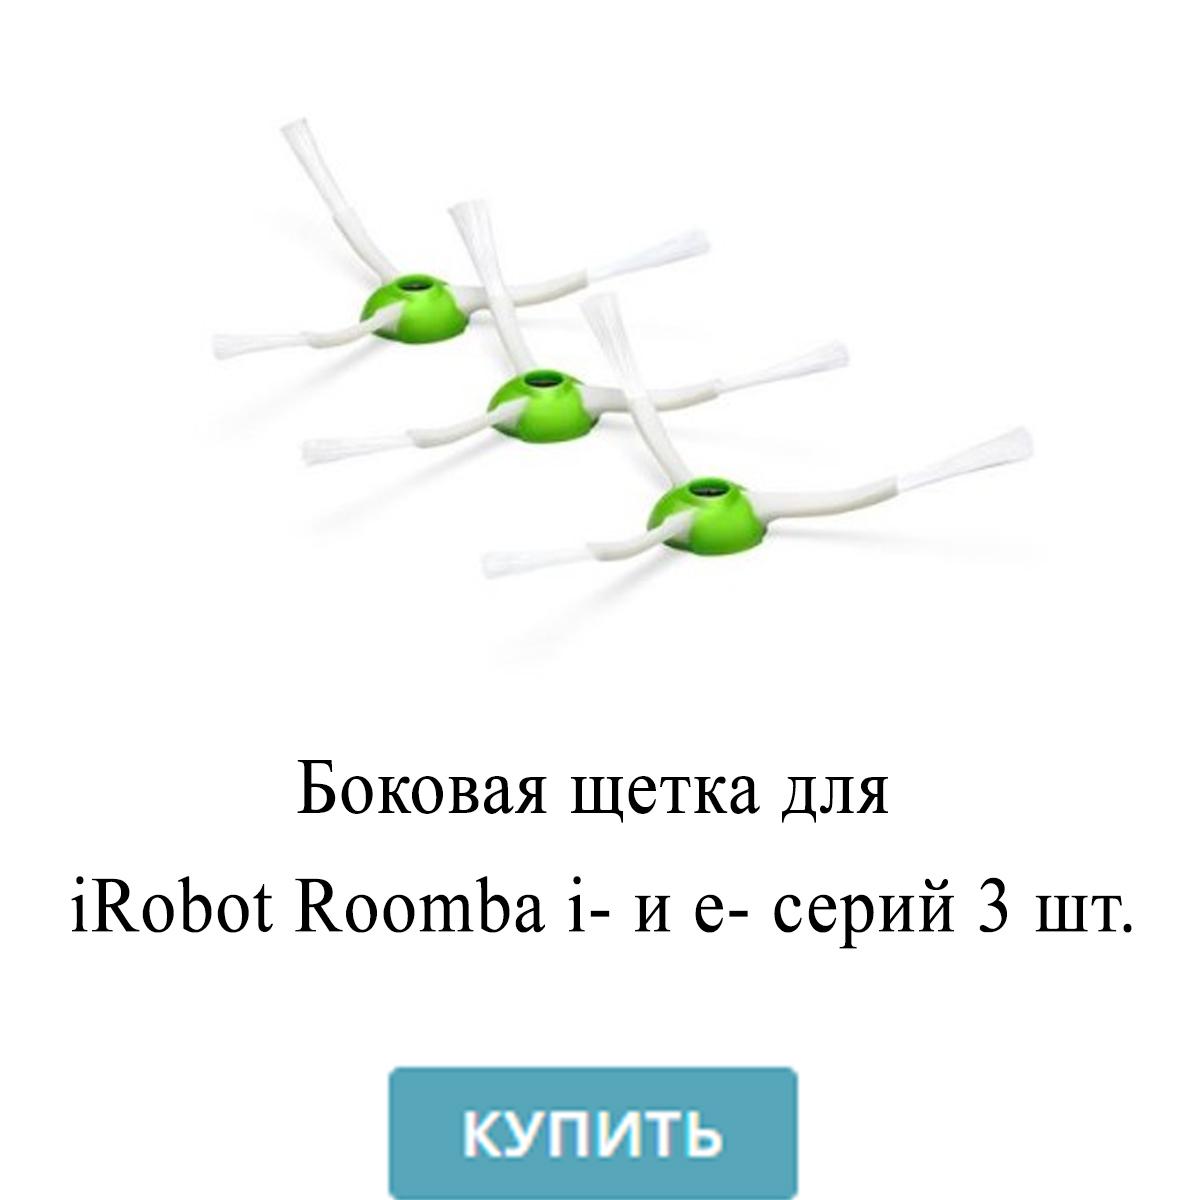 Боковая щетка для iRobot Roomba i- и e- серий 3 шт.